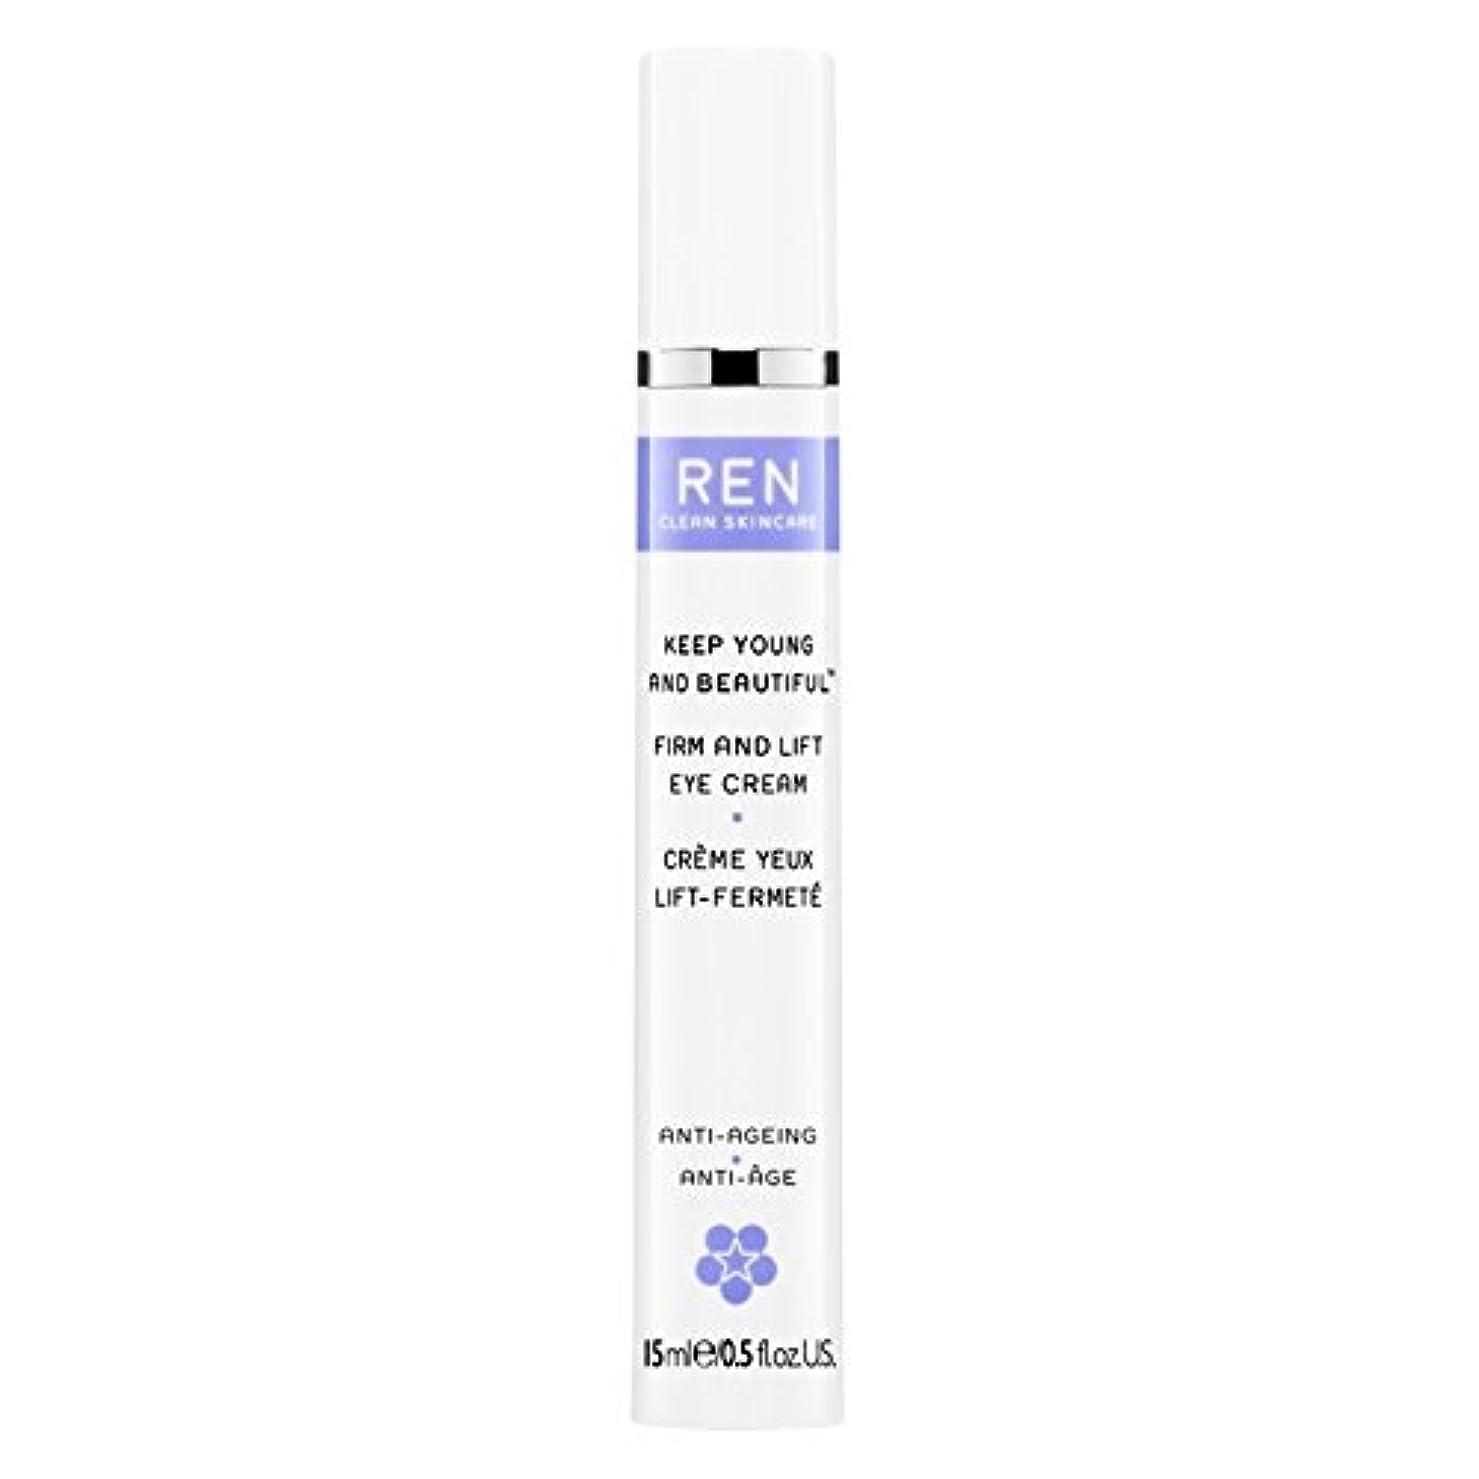 ピグマリオンそっと地下Ren若くて美しい?しっかりとリフトアイクリーム15ミリリットルを保ちます (REN) (x6) - REN Keep Young and Beautiful? Firm and Lift Eye Cream 15ml...